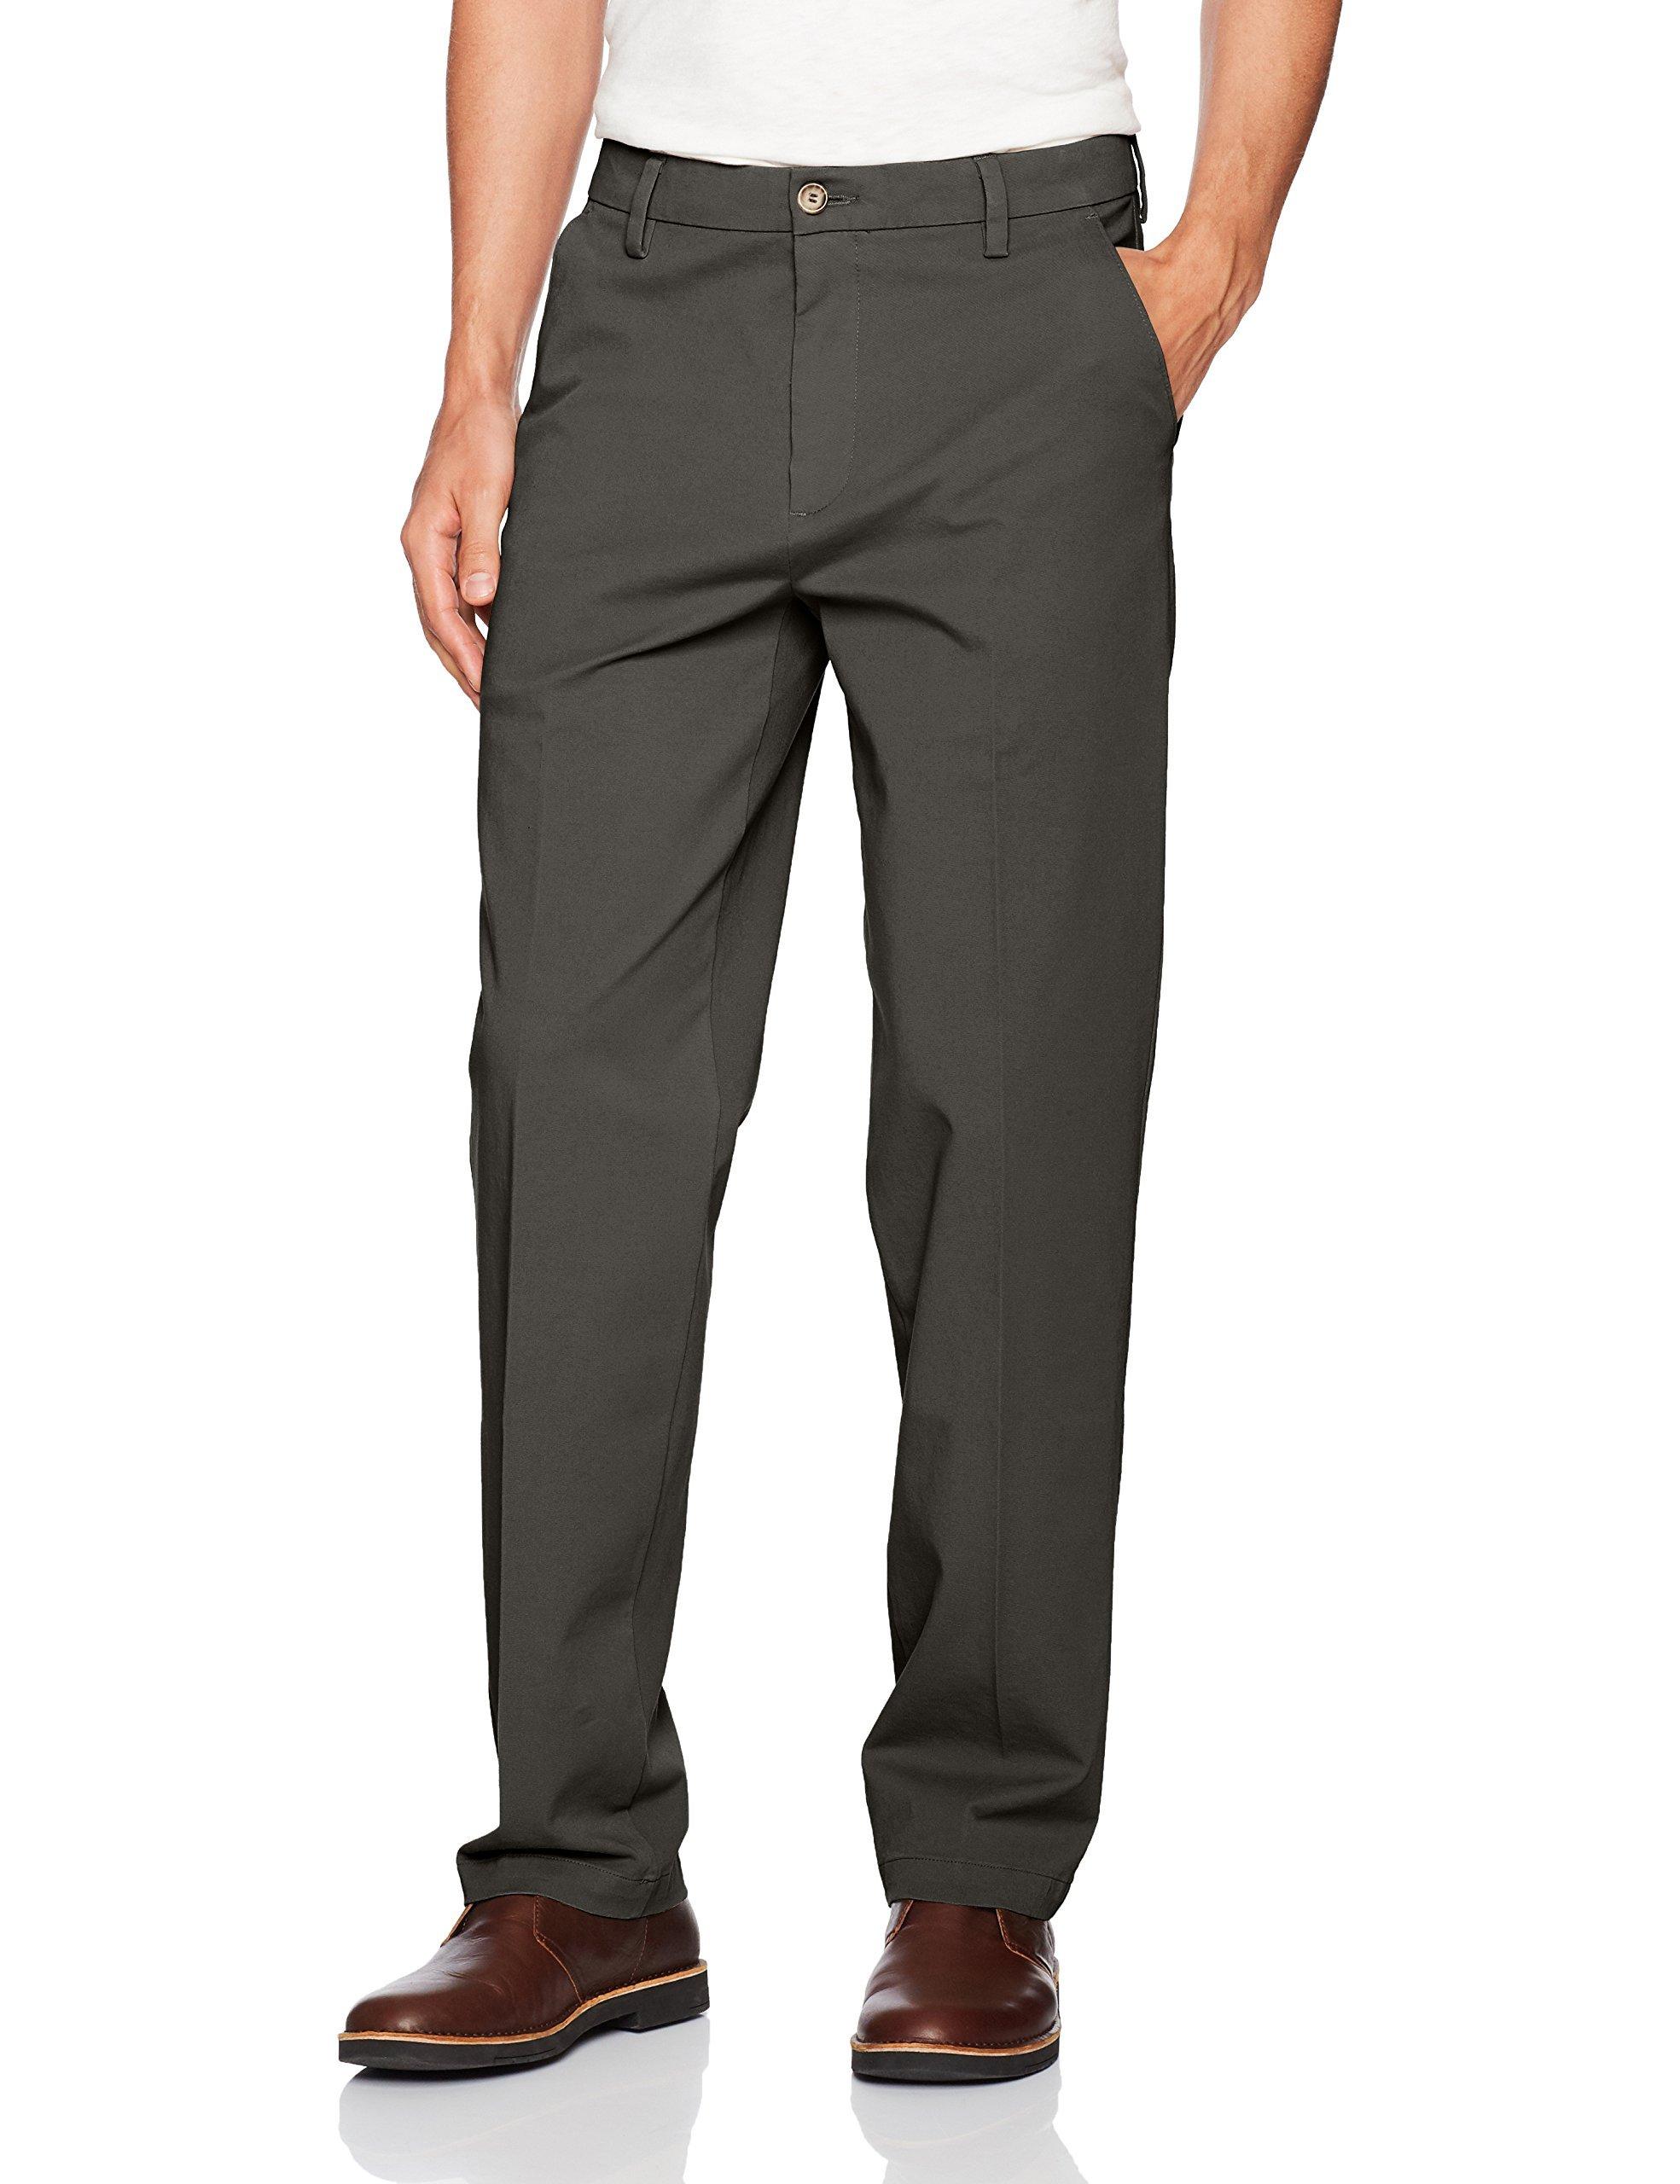 Dockers Men's Big and Tall Big & Tall Classic Fit Workday Khaki Smart 360 Flex Pants D3, Storm (Stretch) -Grey, 36W x 38L